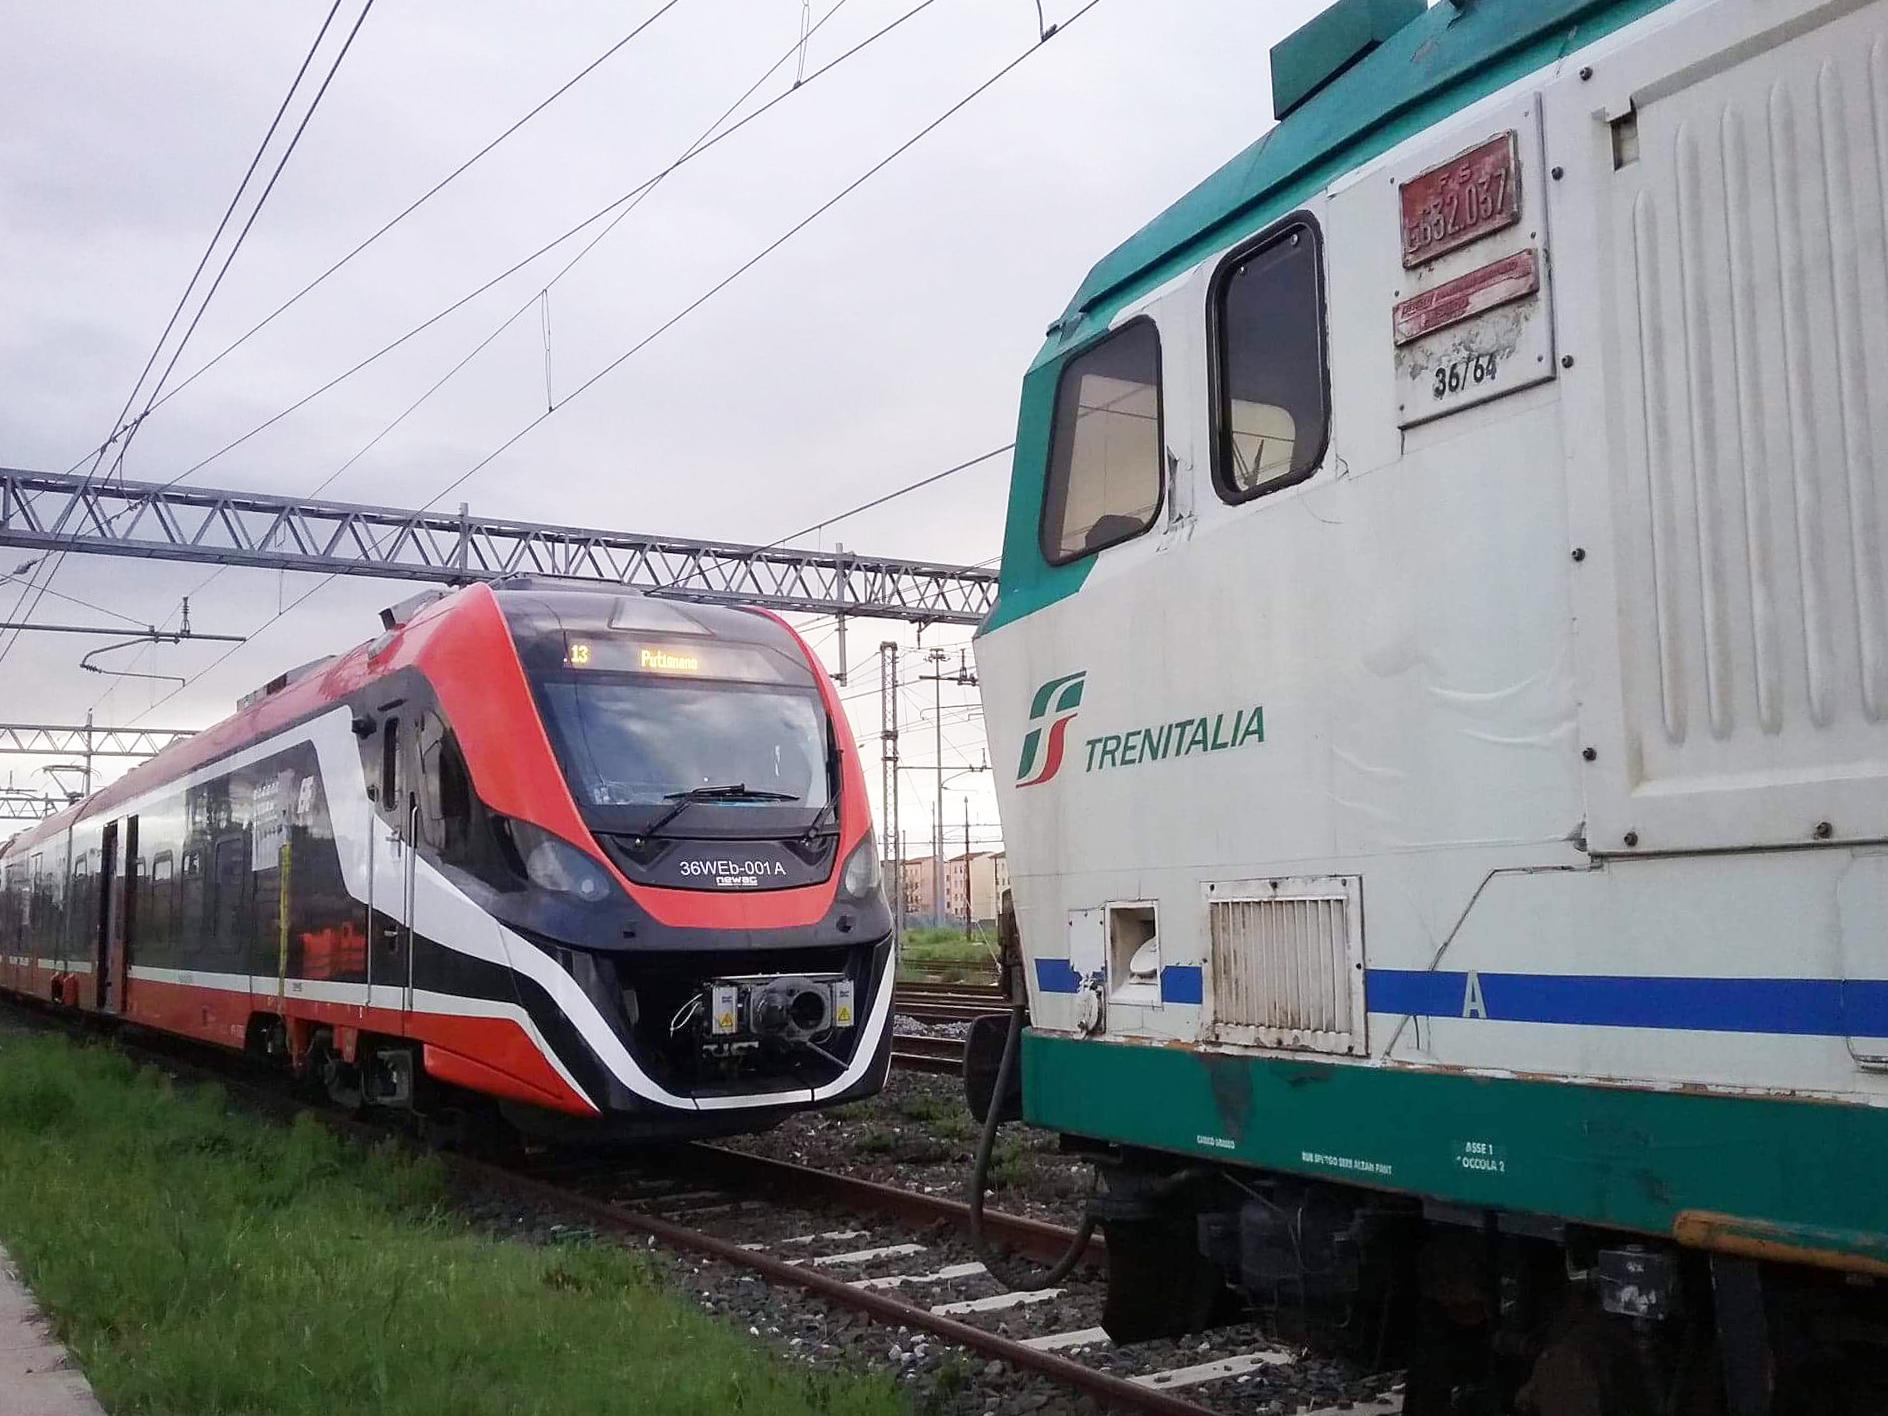 ETR322-001 – Impuls II dla włoskiego FSE jest po badaniach dynamicznych